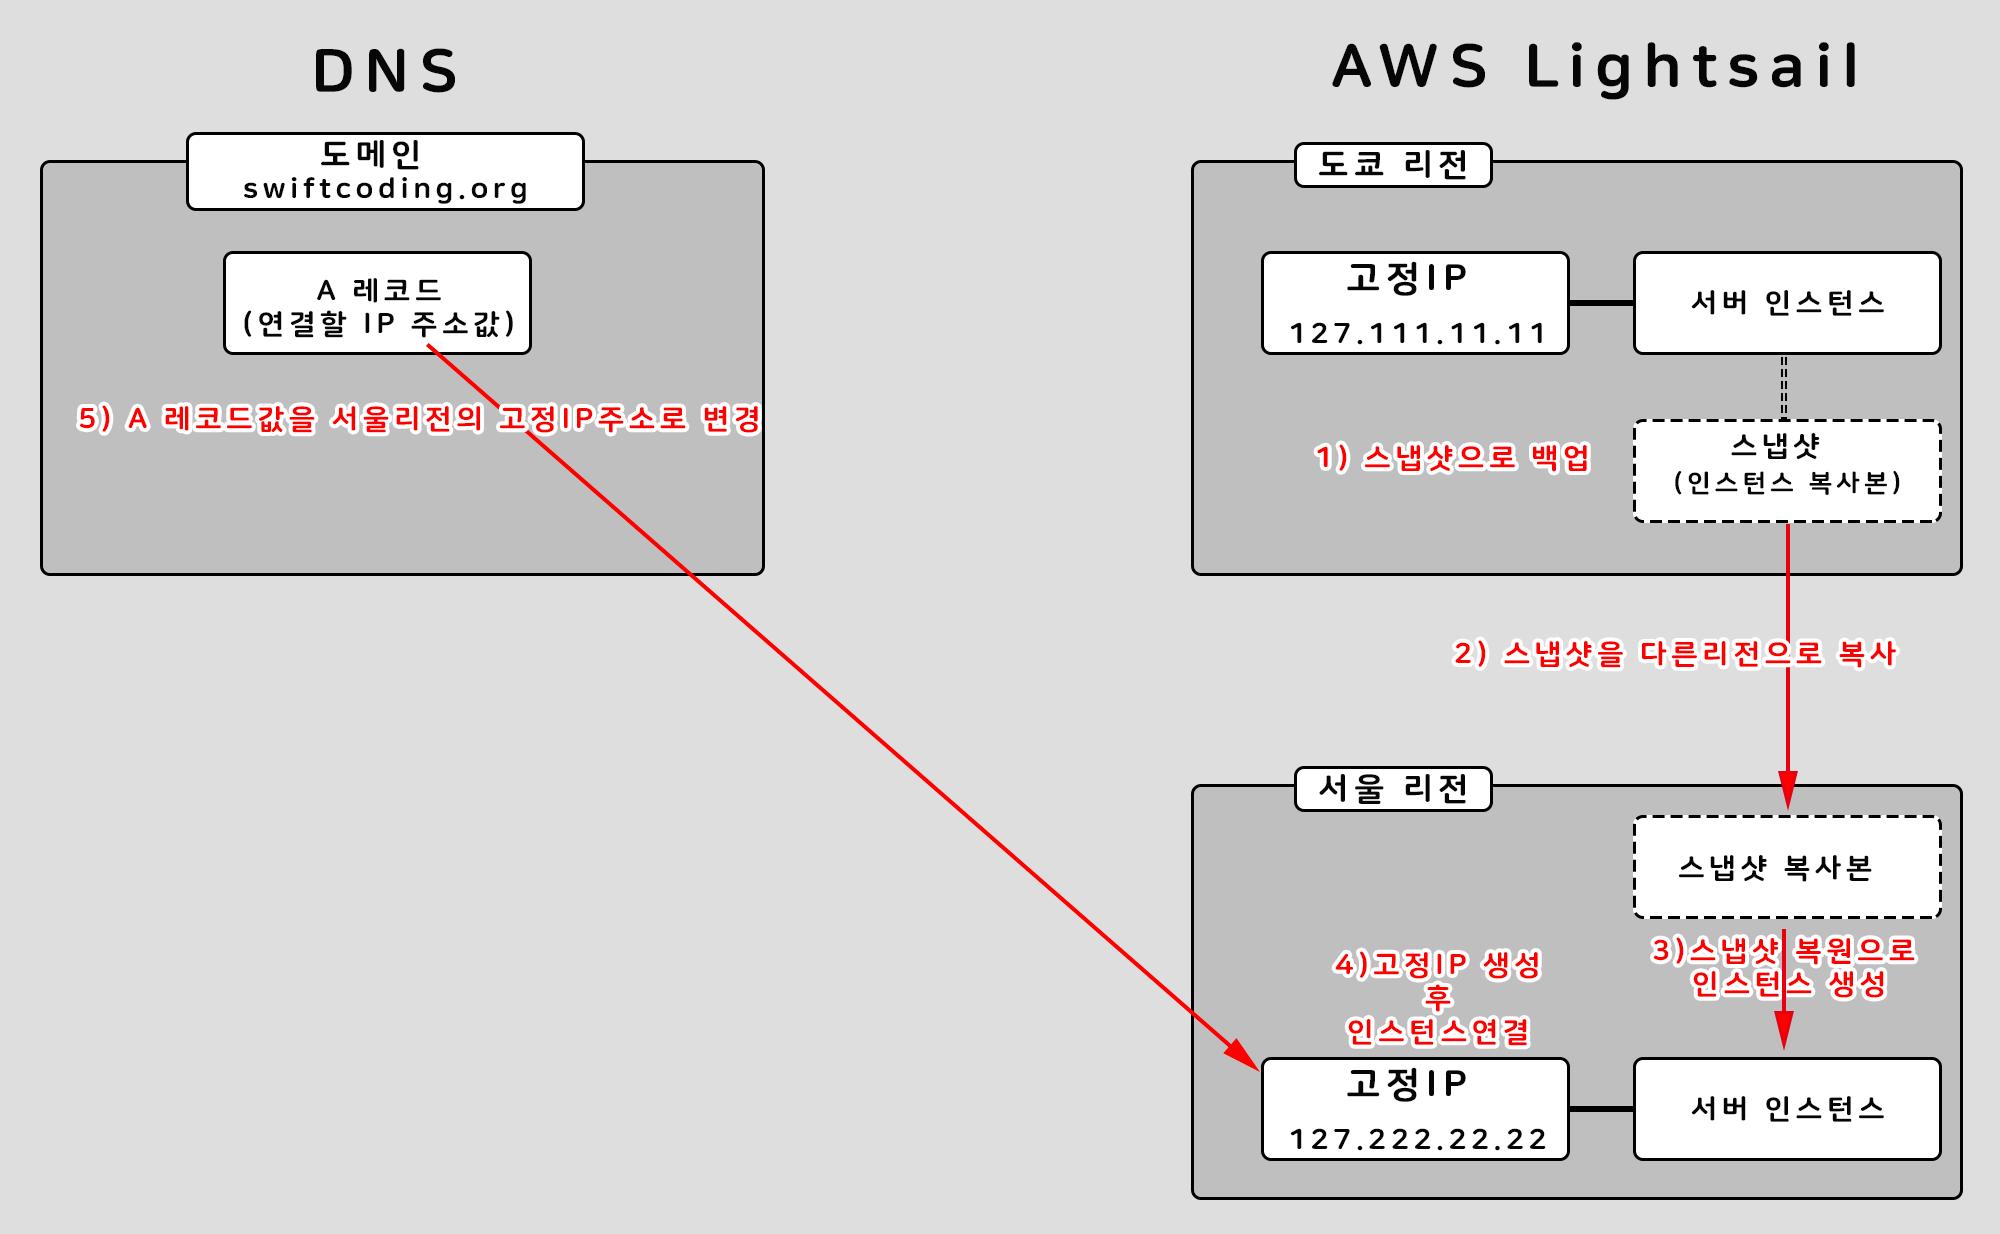 새로운 서버로의 이동 개념 그림